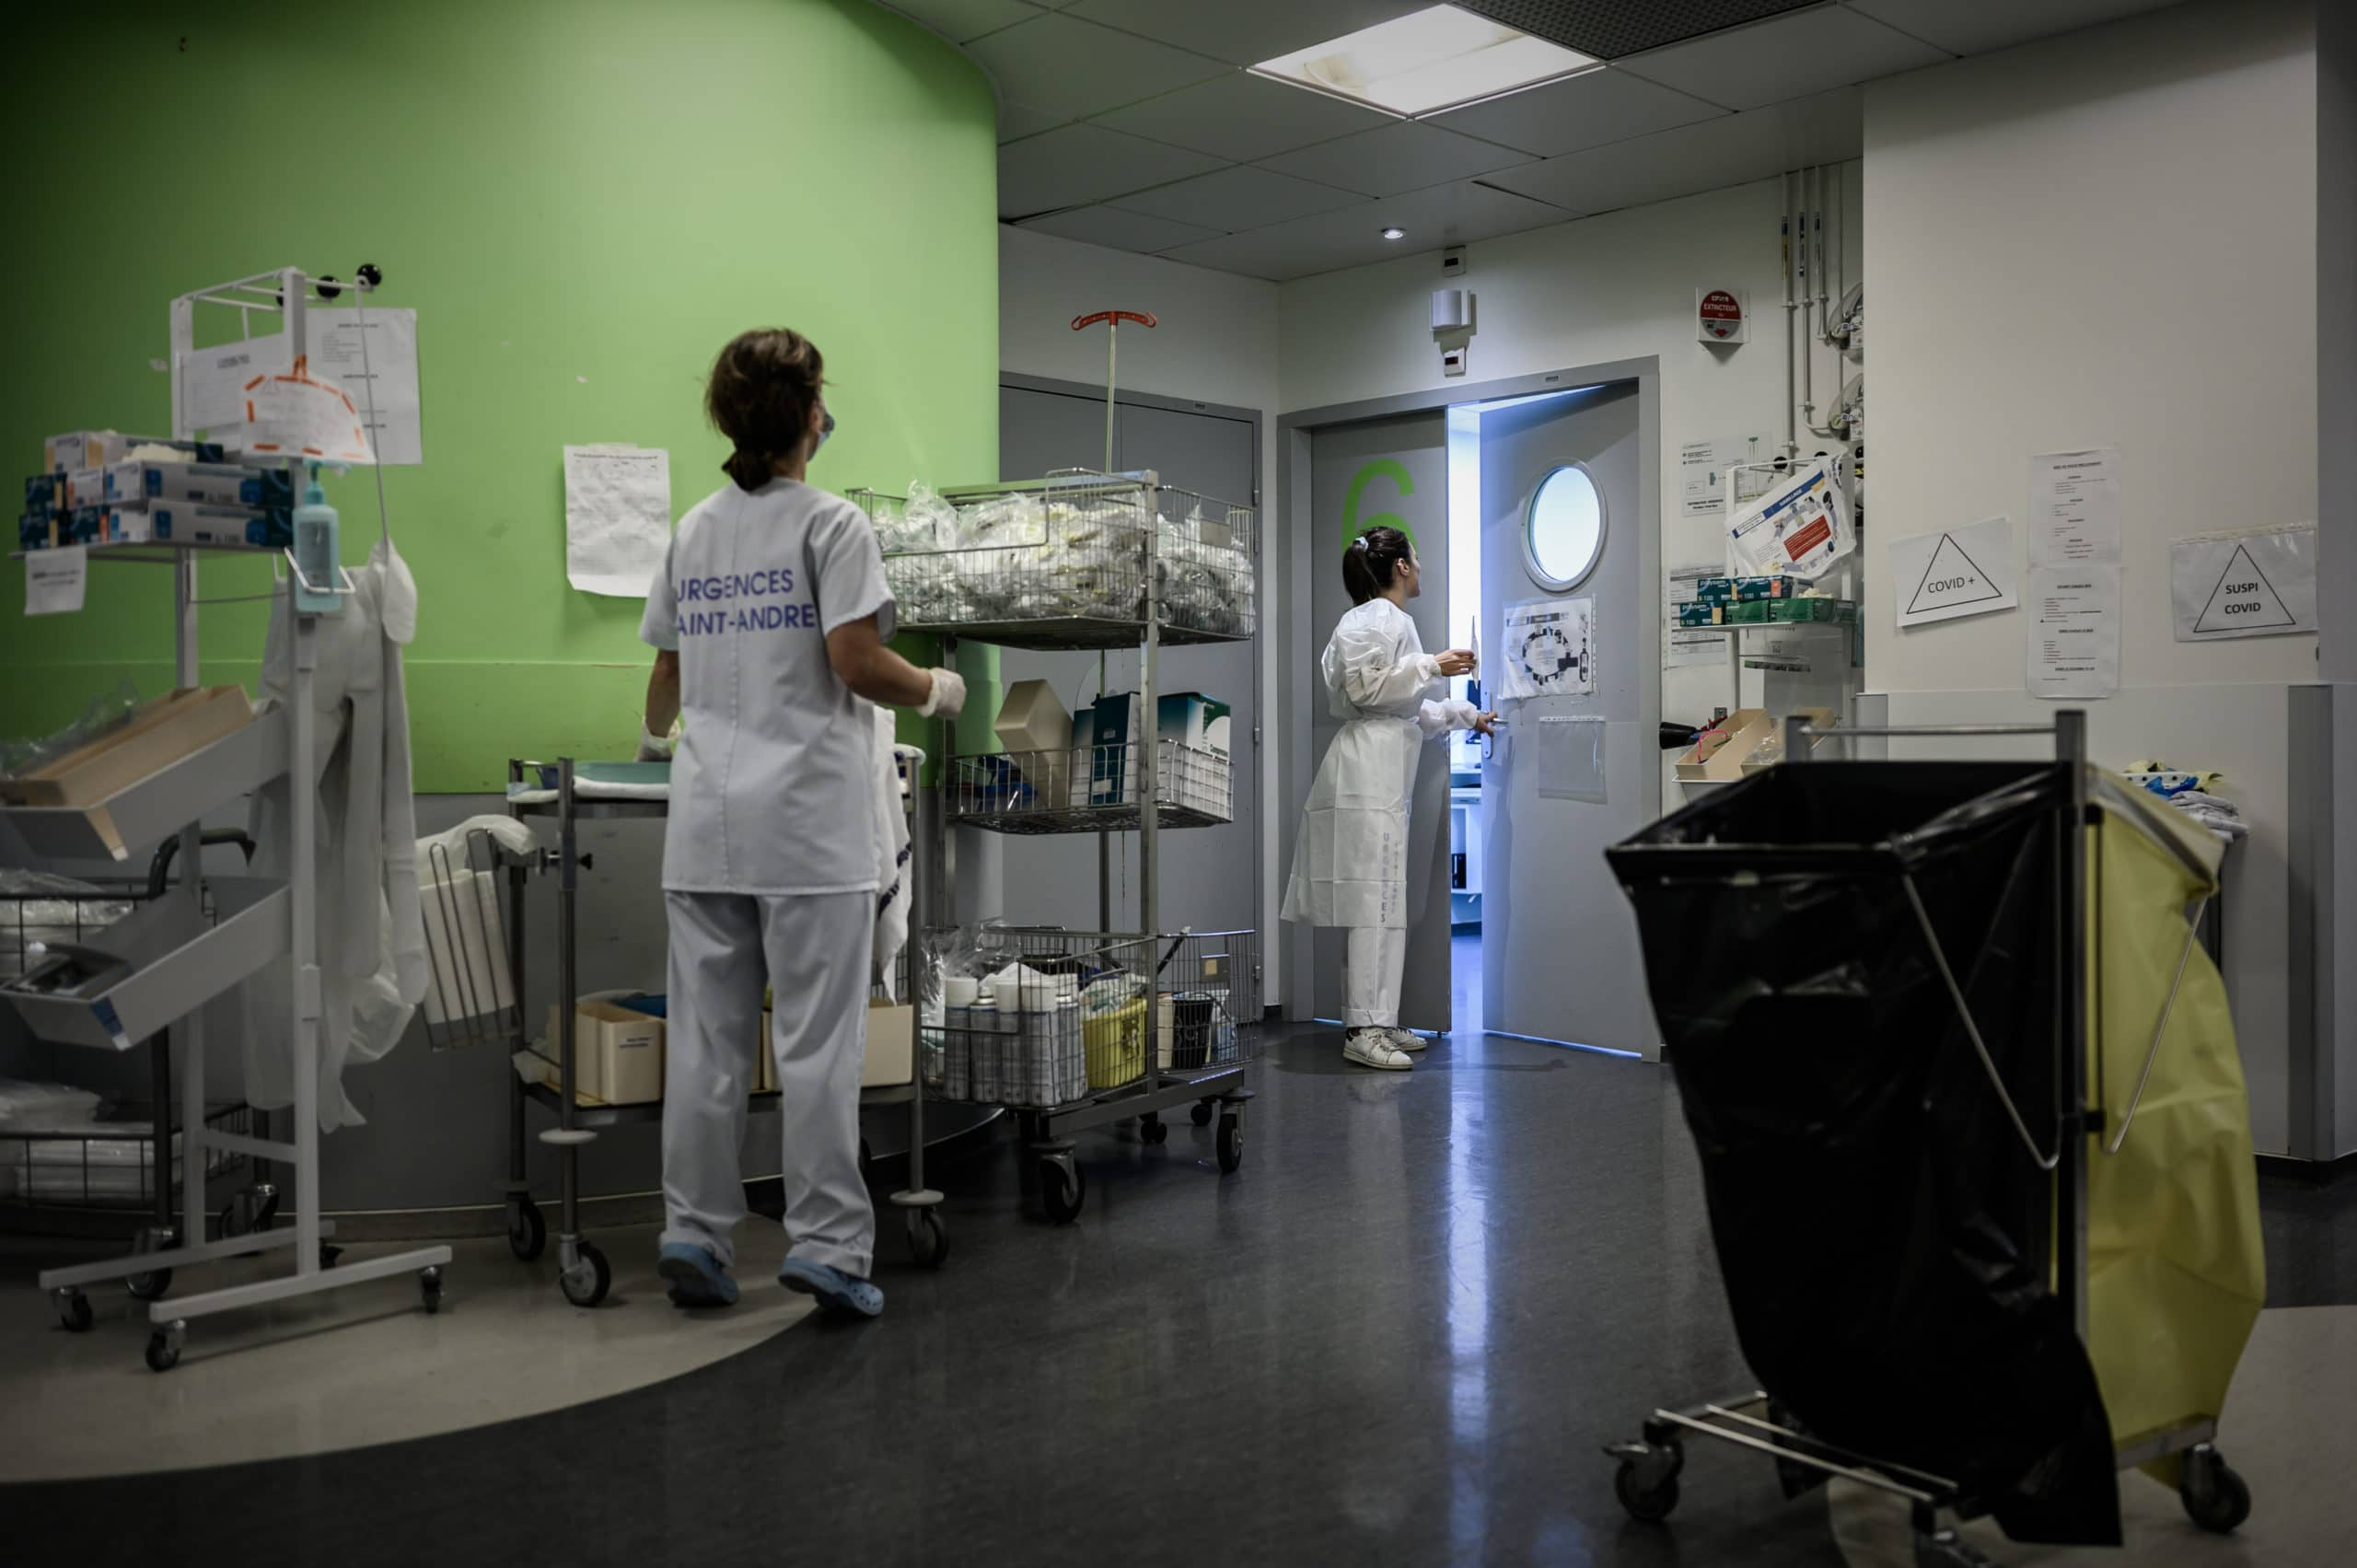 FRANCE-HEALTH-VIRUS-TEST